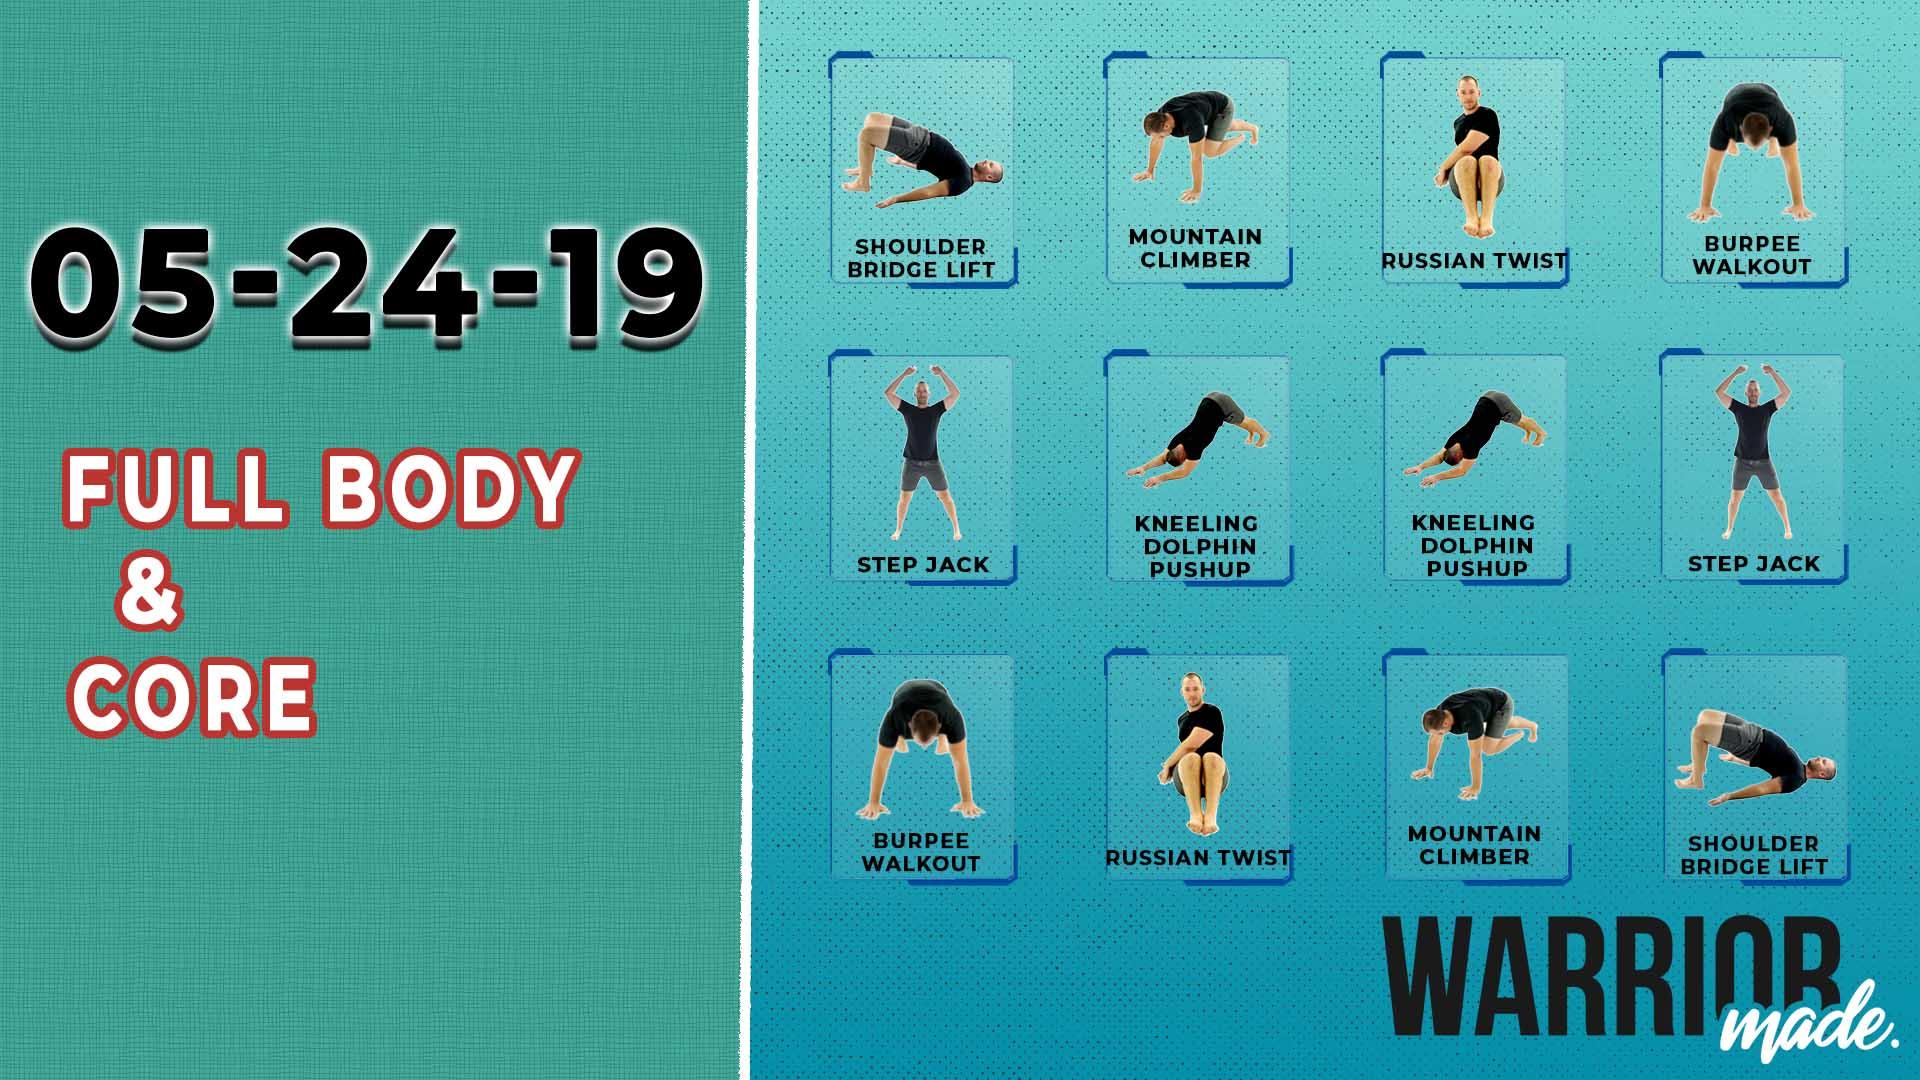 workouts-05-24-19